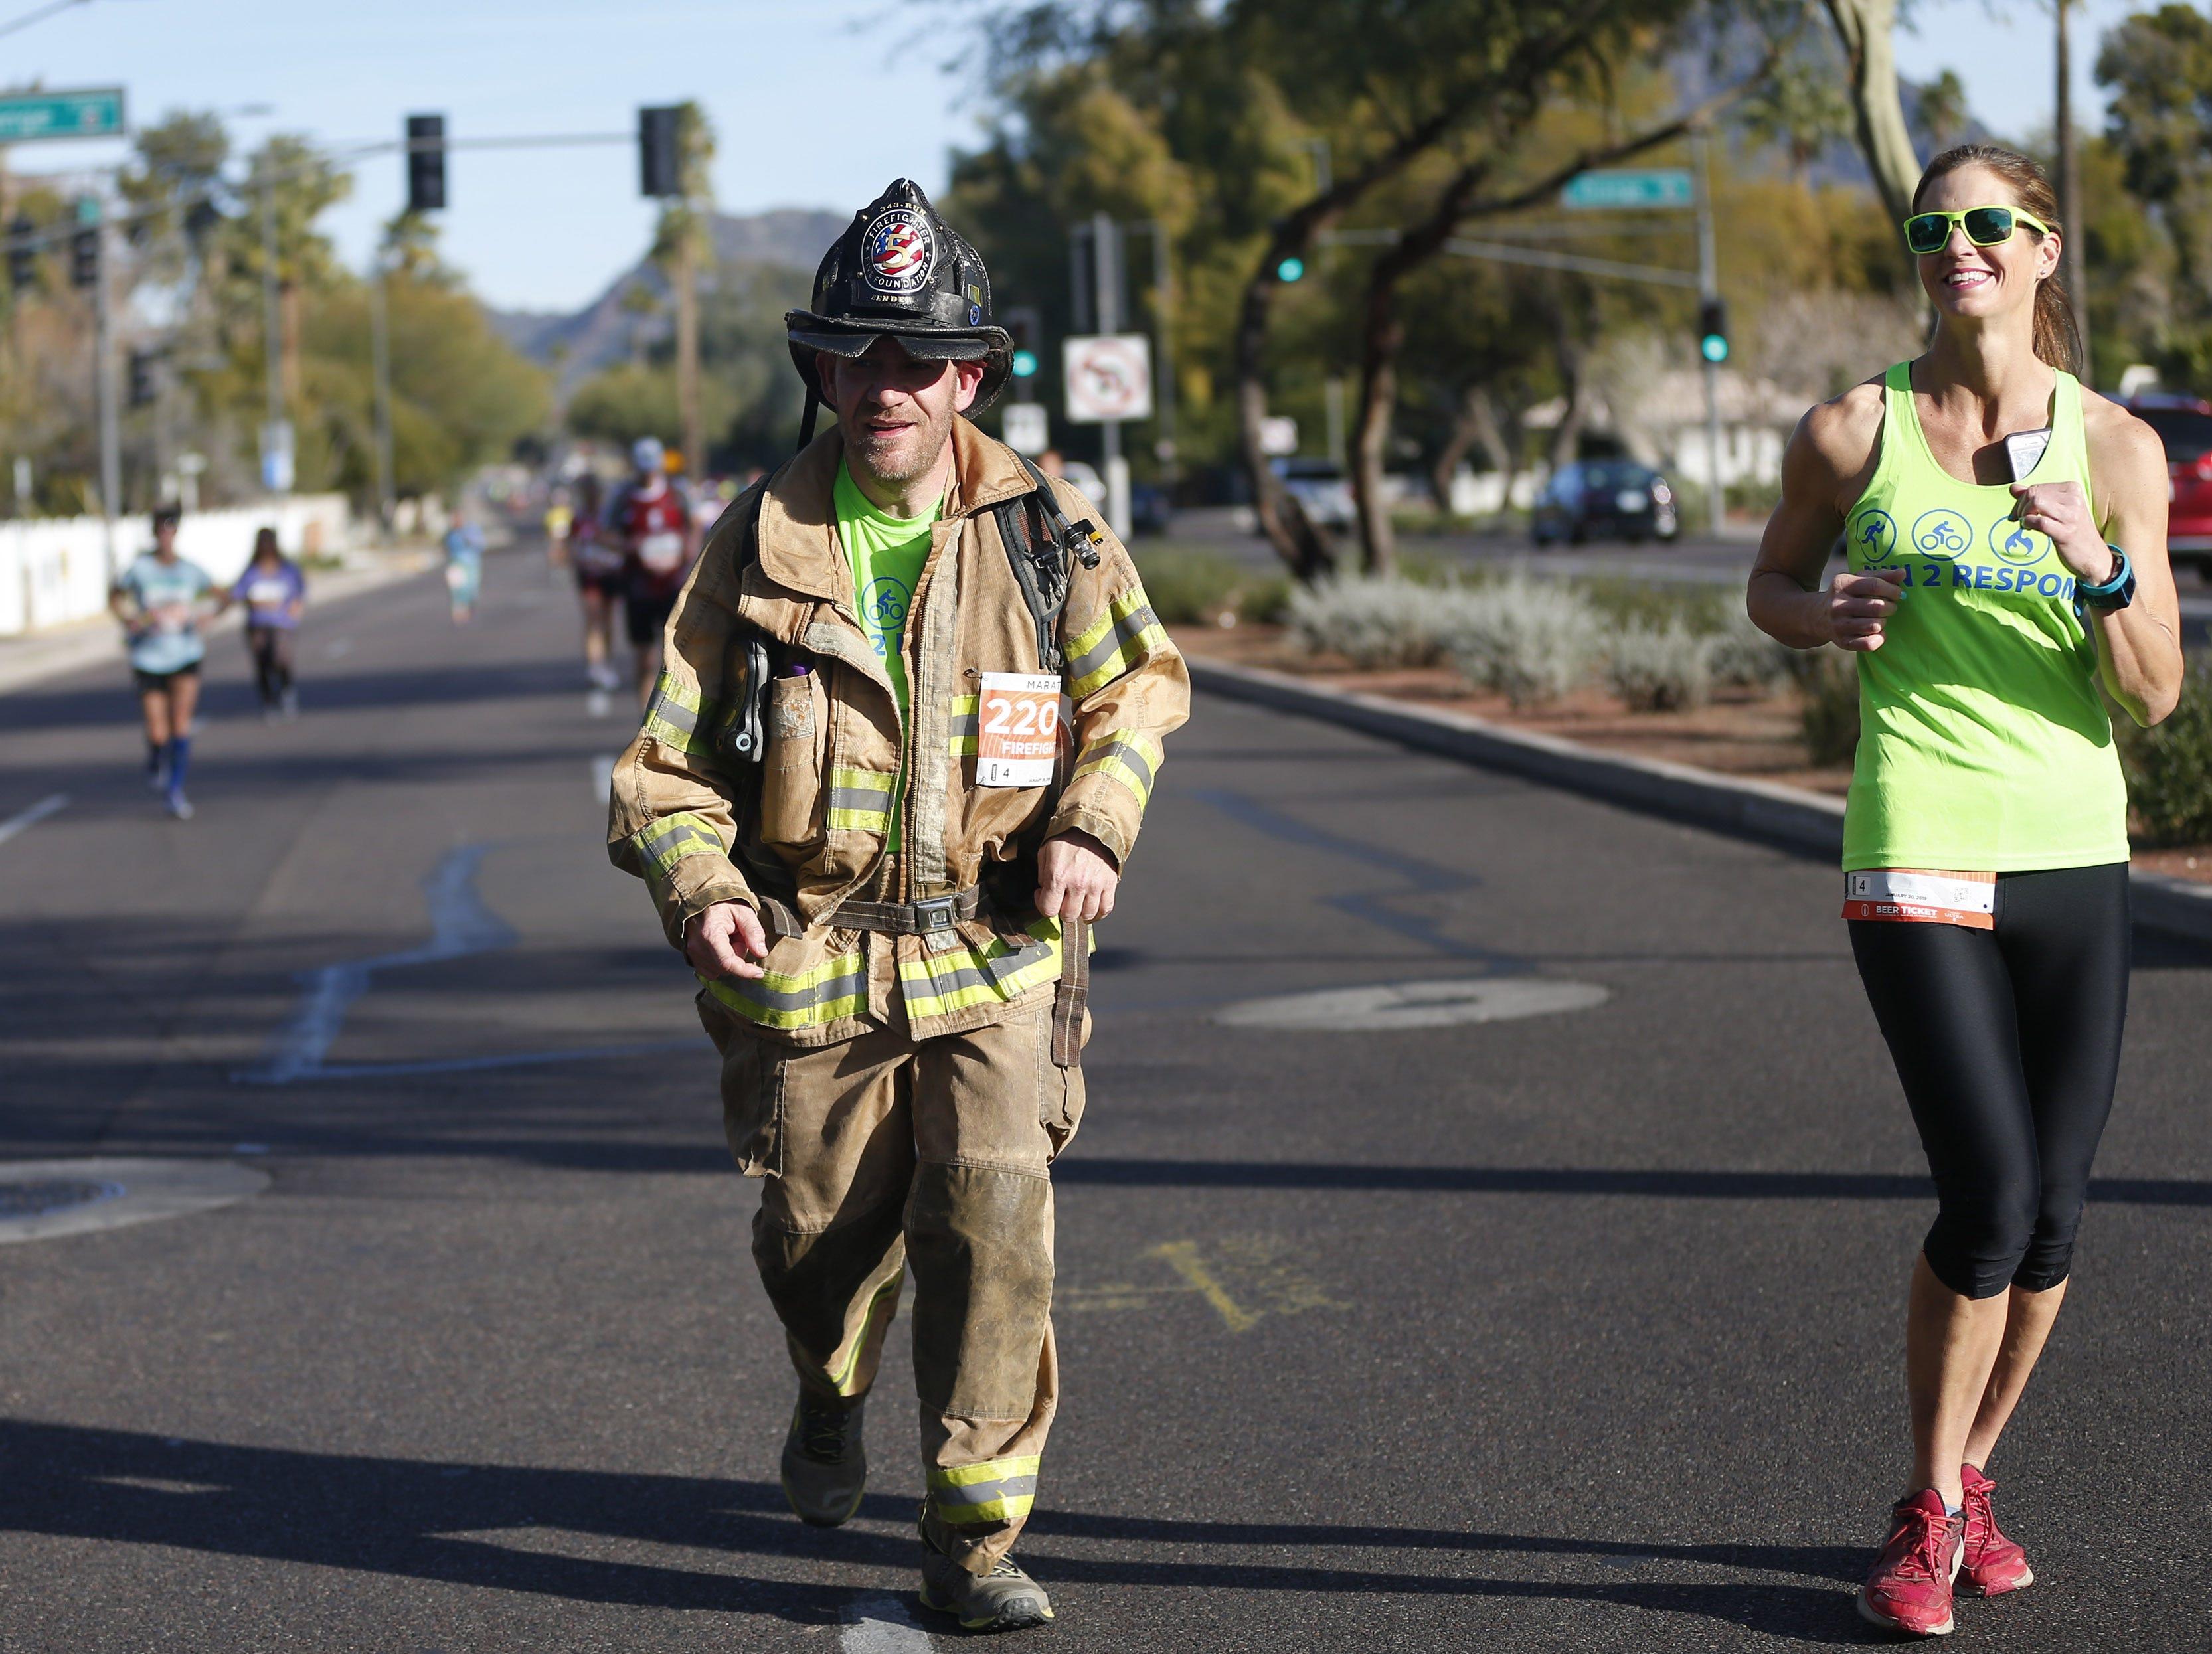 Steve Bender runs in firefighting gear on 24th St. at the Rock 'N' Roll Marathon in Phoenix Jan. 20, 2019.